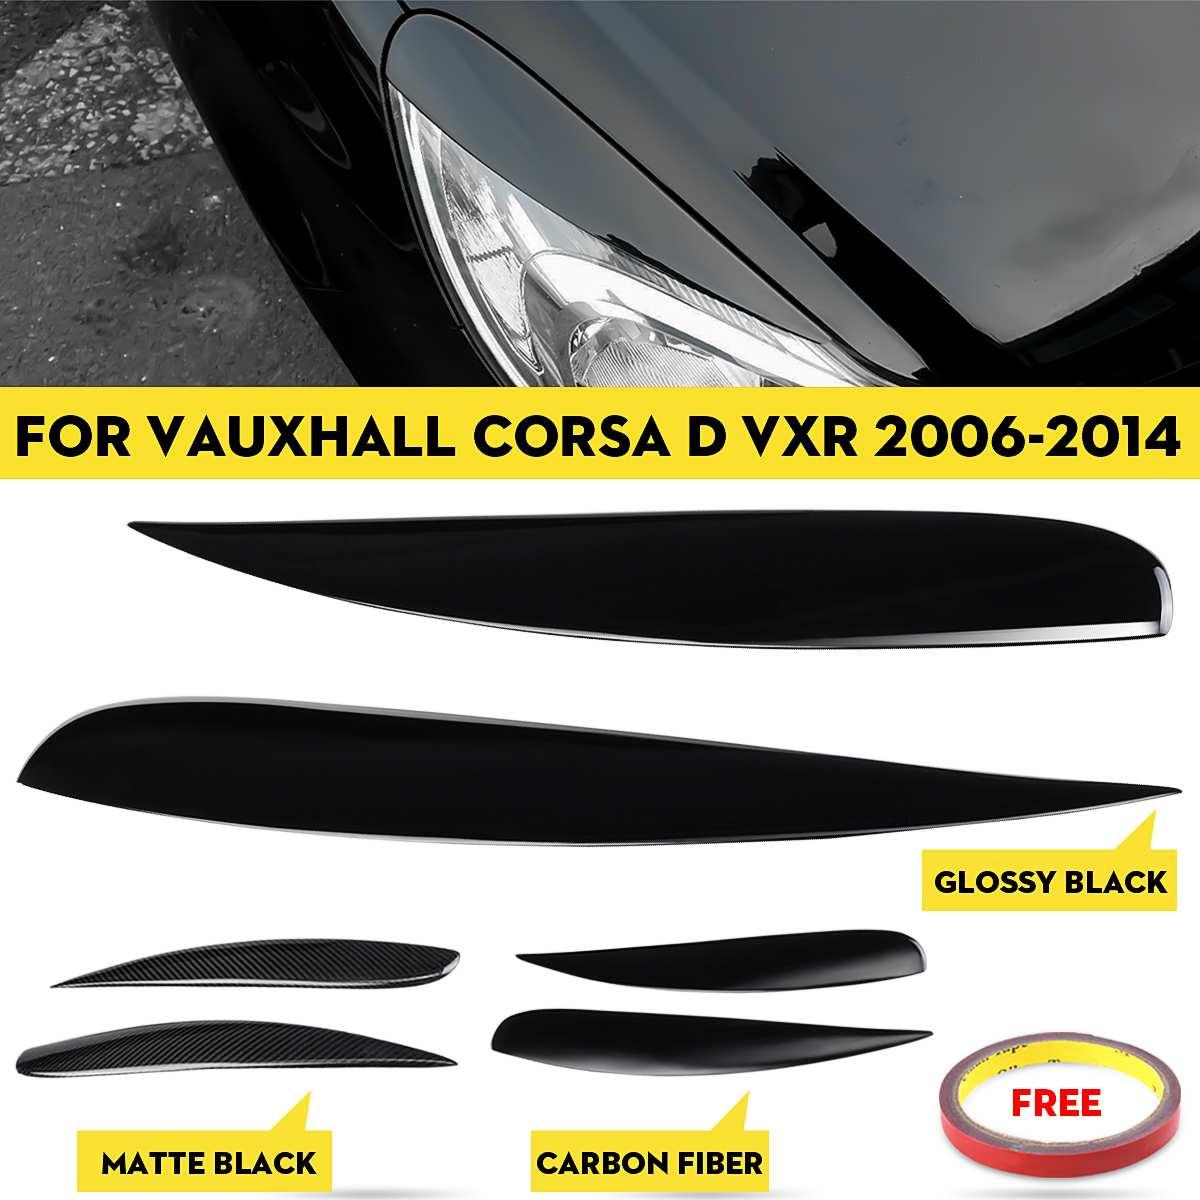 2 шт., автомобильные фары, веки, брови, наклейка, защита для фар, брови, автомобильный Стайлинг для Vauxhall Corsa D VXR 2006-2014